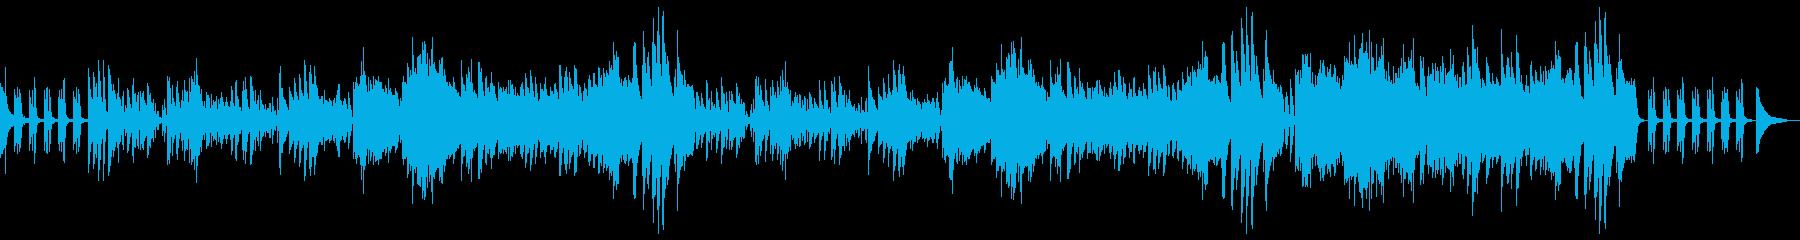 明るく軽くラグジュアリーなソロピアノ 2の再生済みの波形